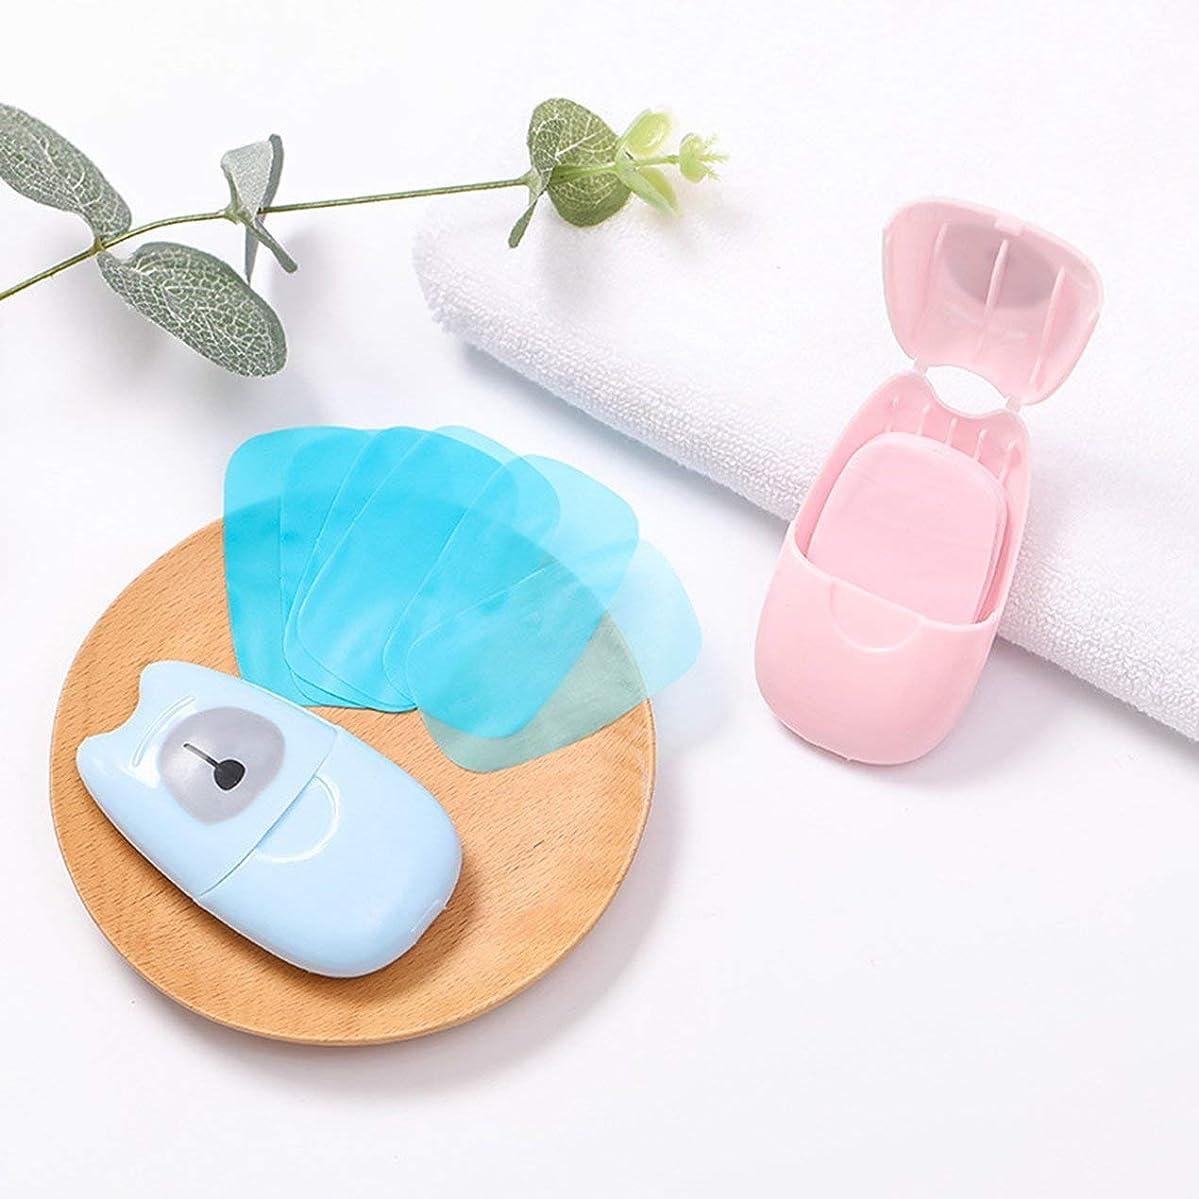 箱入り石鹸紙旅行ポータブル屋外手洗い石鹸の香りのスライスシート50ピースプラスチックボックス付きミニ石鹸紙(色:ピンク)